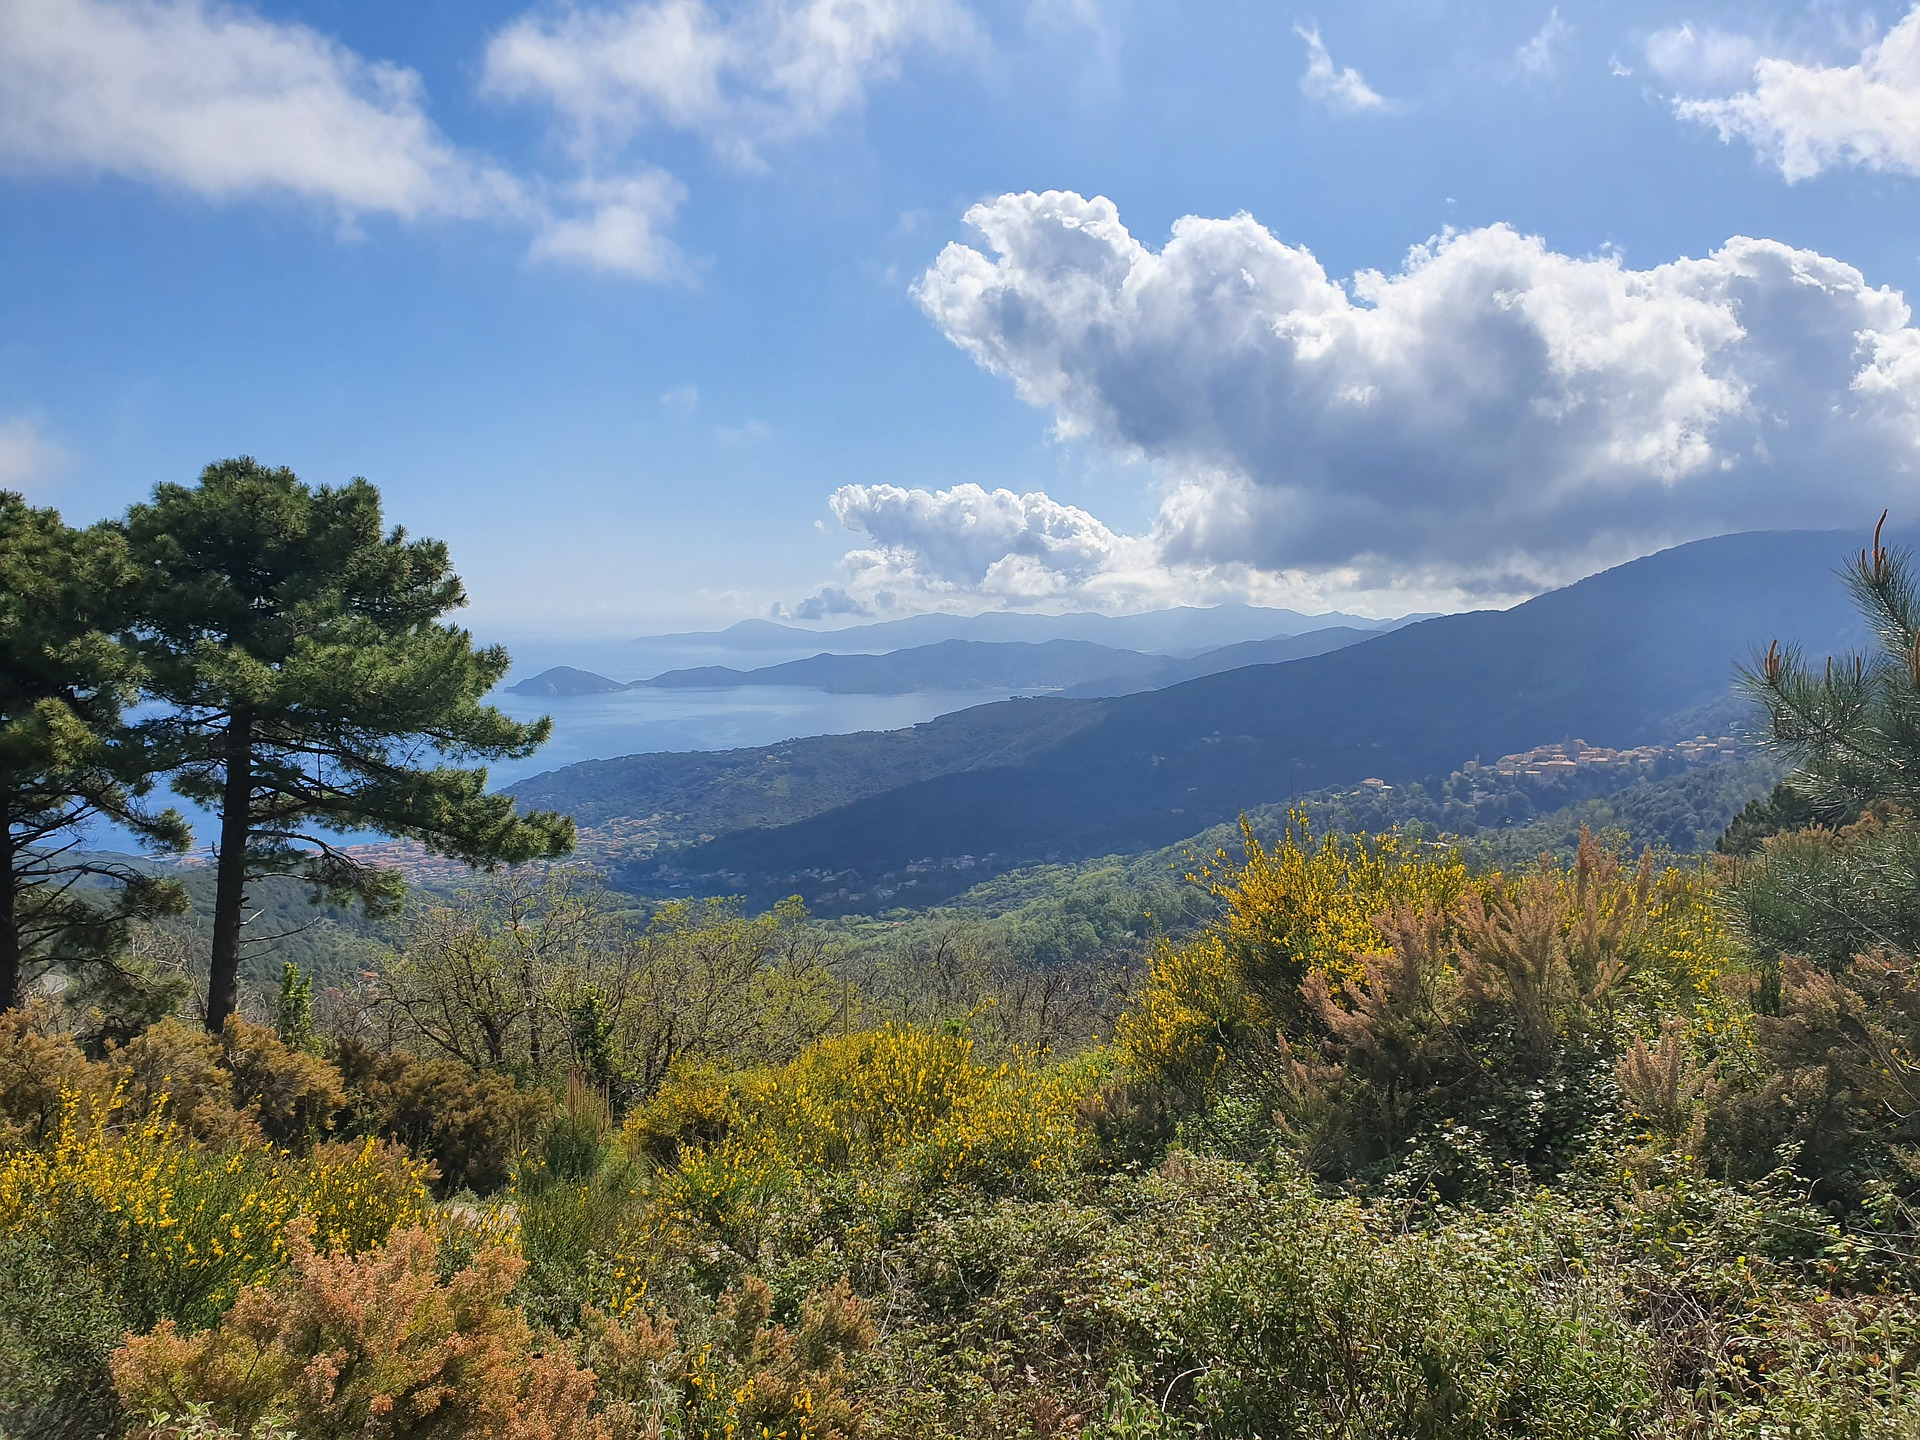 Parco nazionale Isola d'Elba